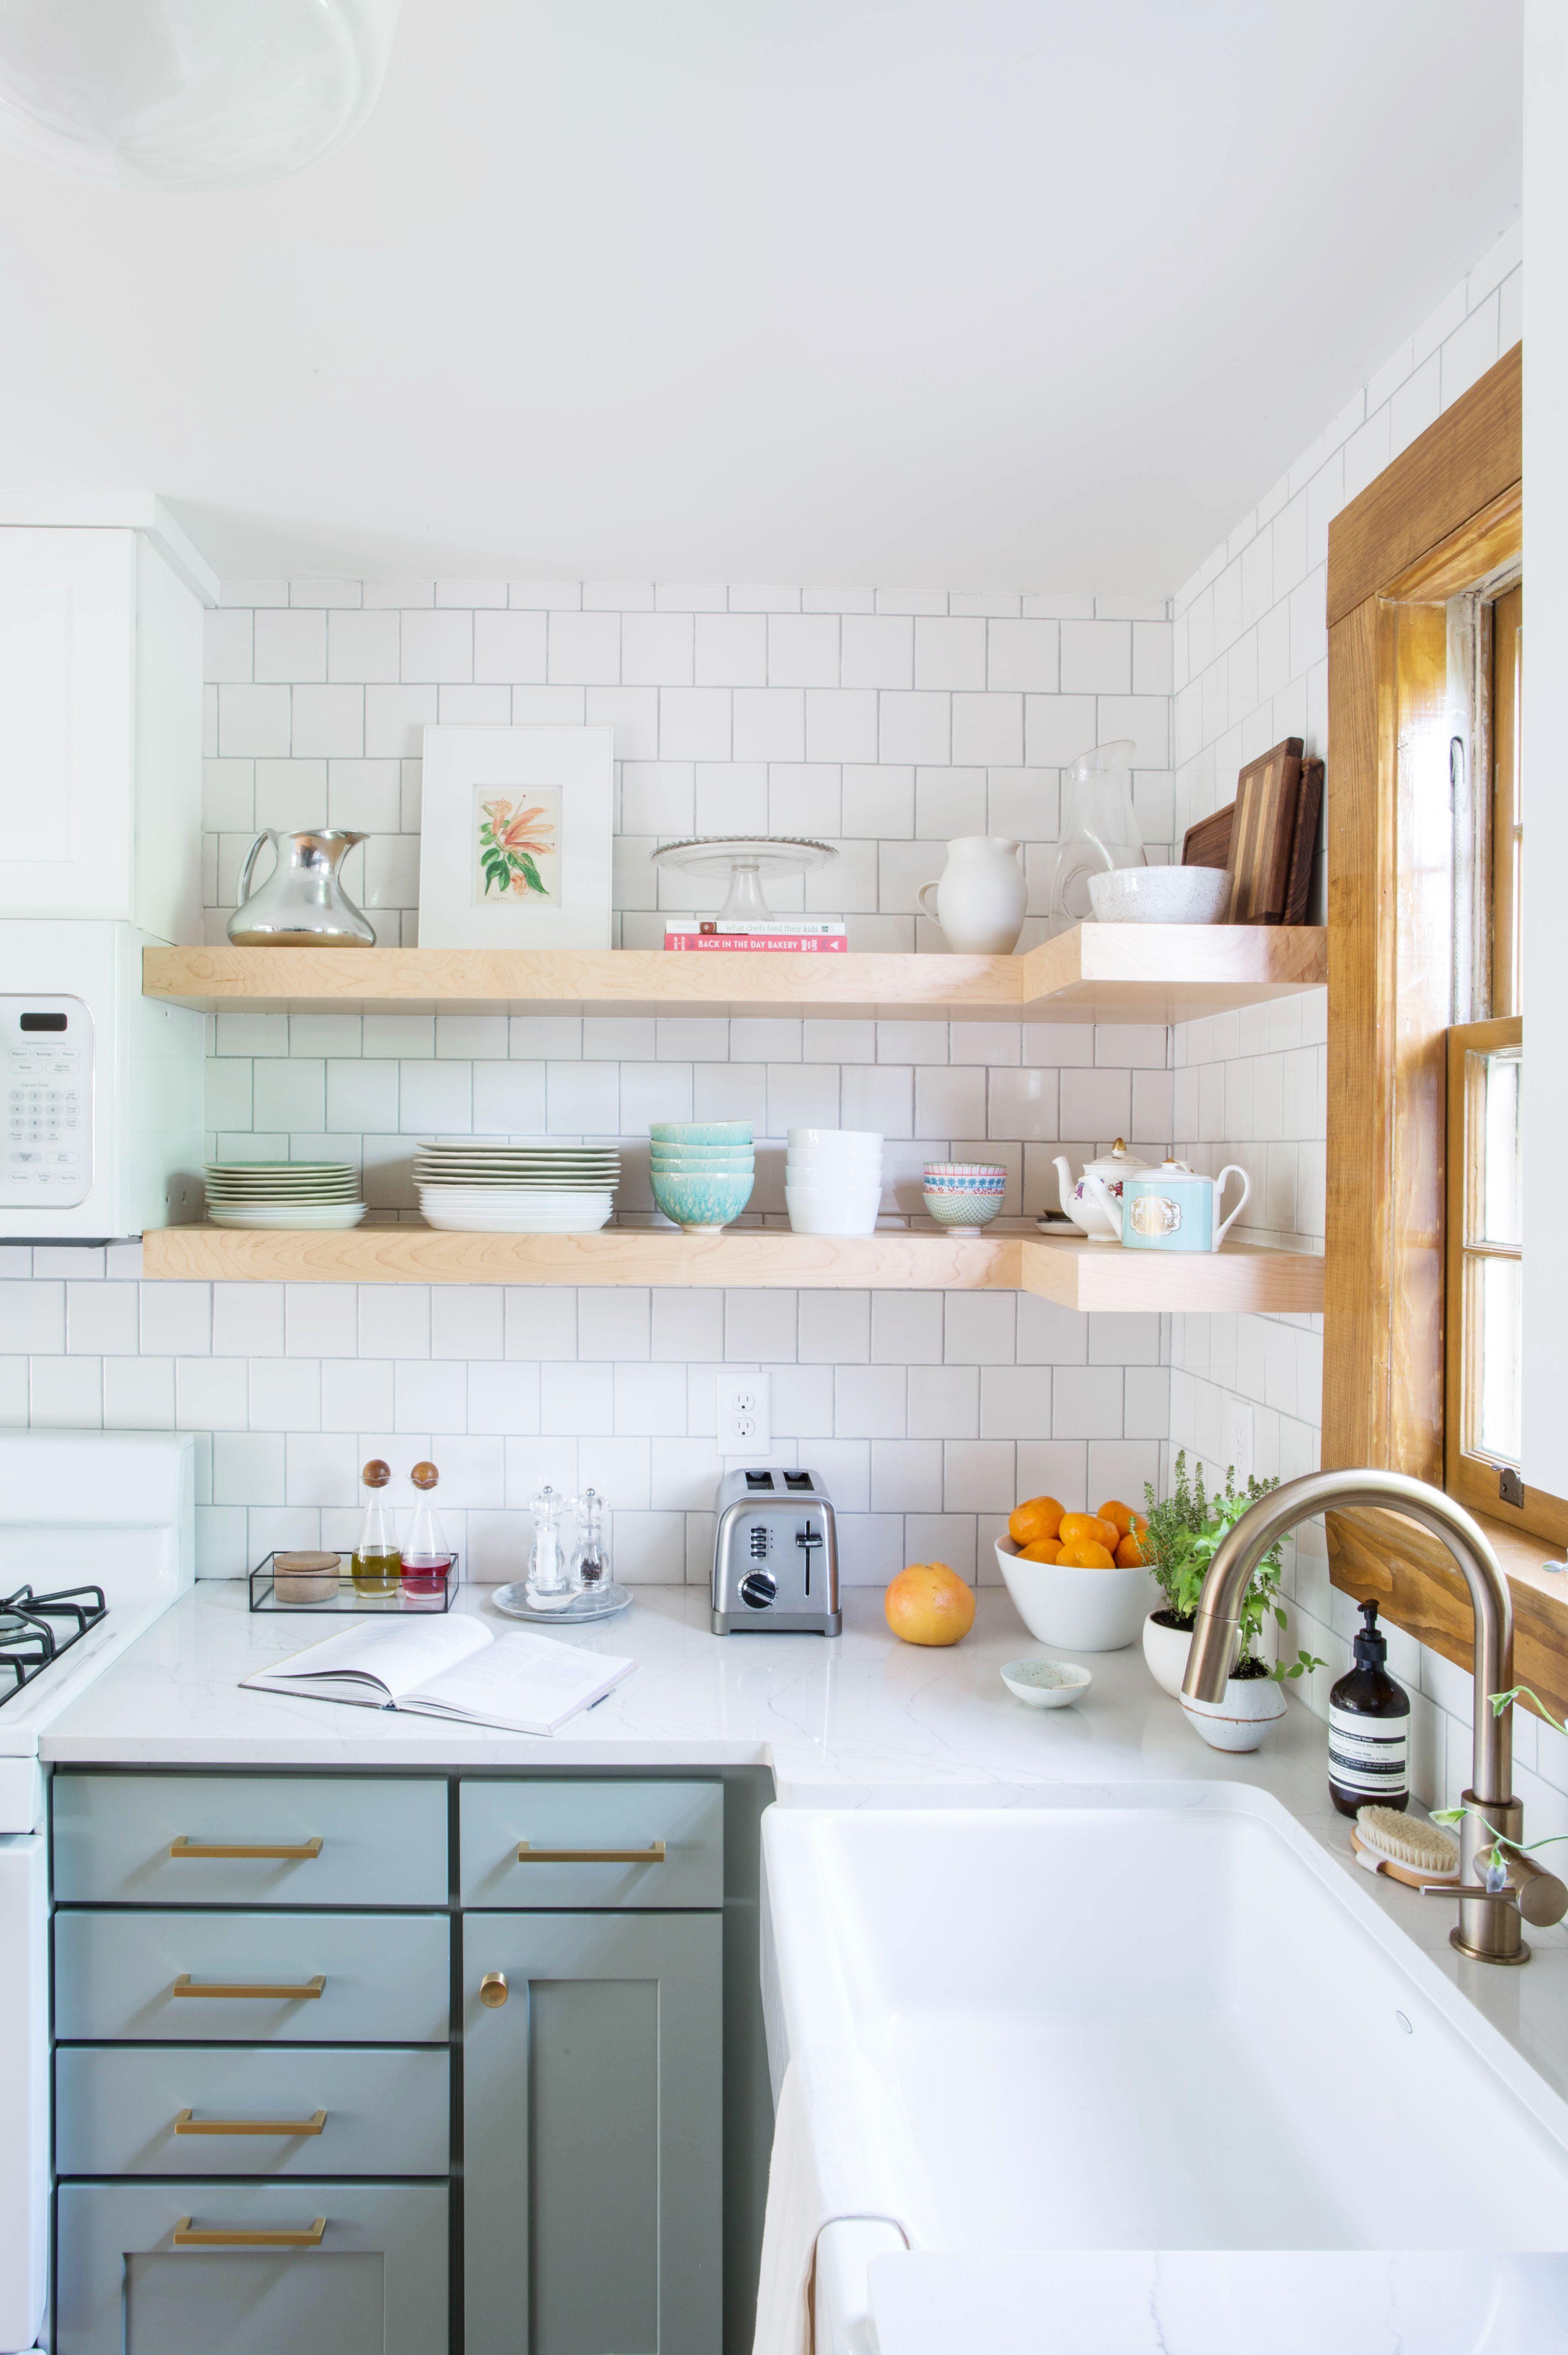 Pinterest Tobieornottobie Green Kitchen Cabinets Kitchen Design Small Kitchen Remodel